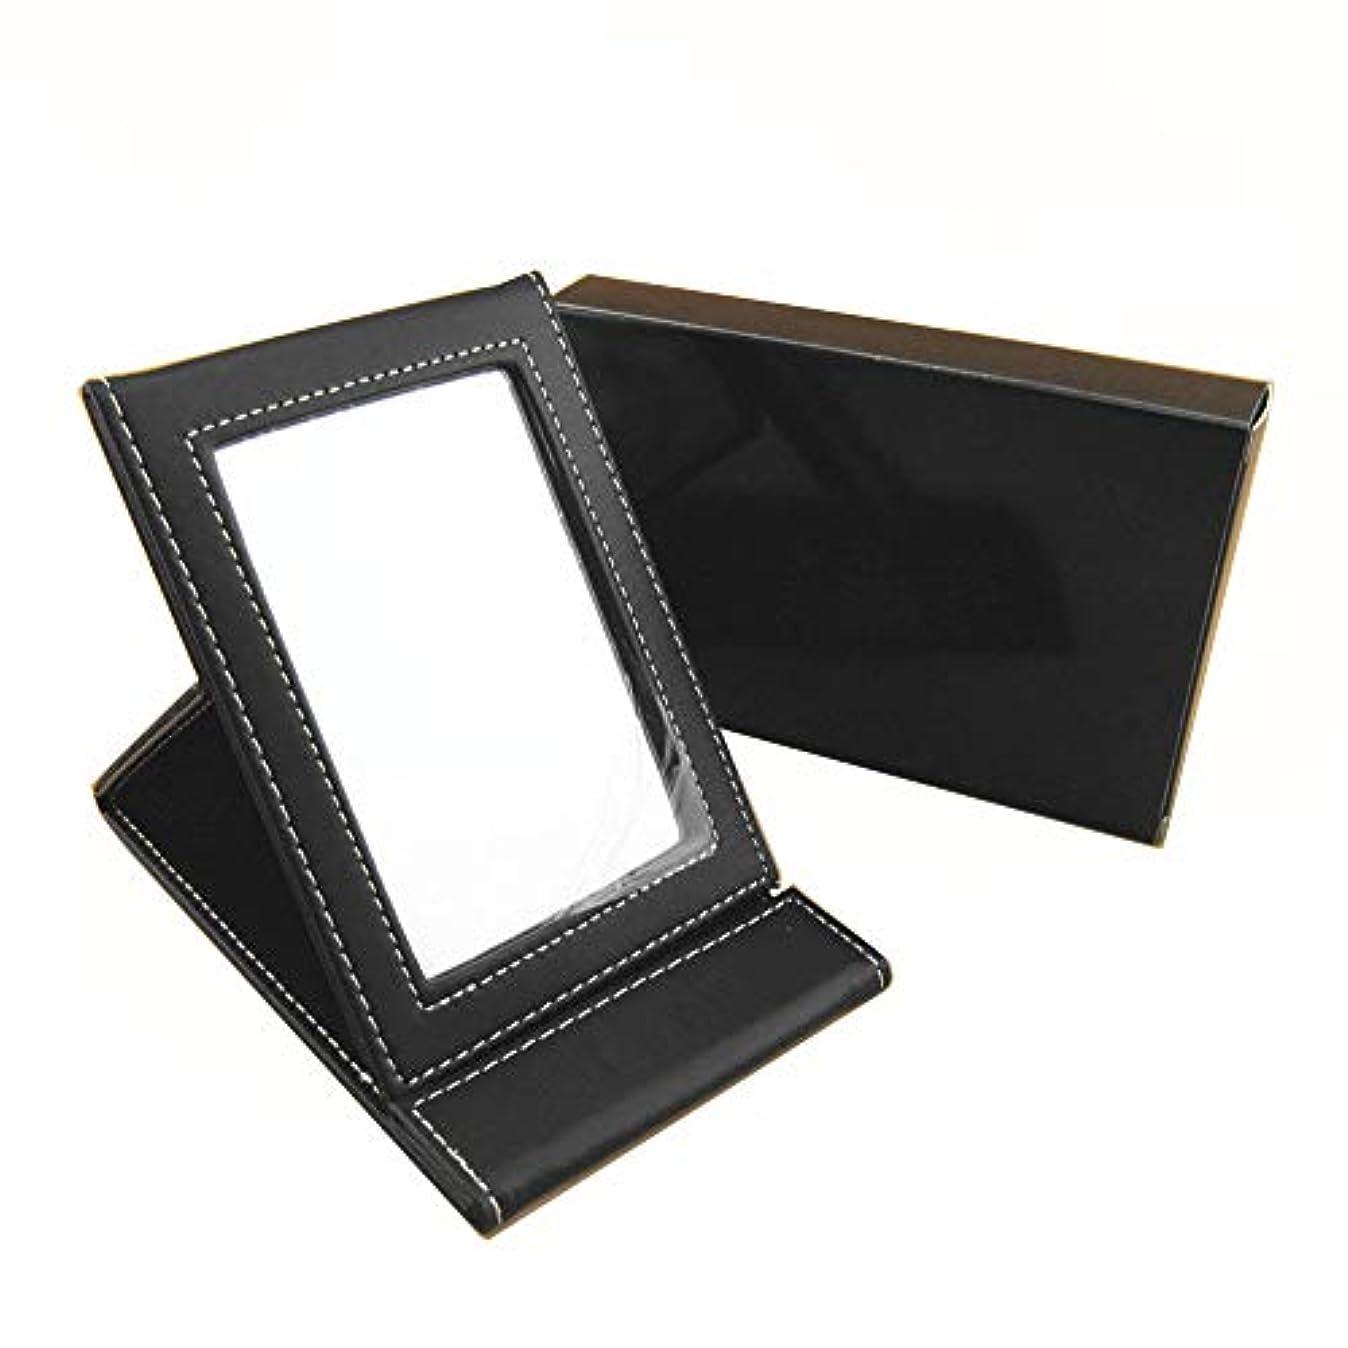 スキッパー批評優しさCikoume 化粧鏡 折り畳み鏡 デスクトップ ミラー 携帯 A4サイズ 卓上 鏡 上質PUレザー使用 【ブラック】